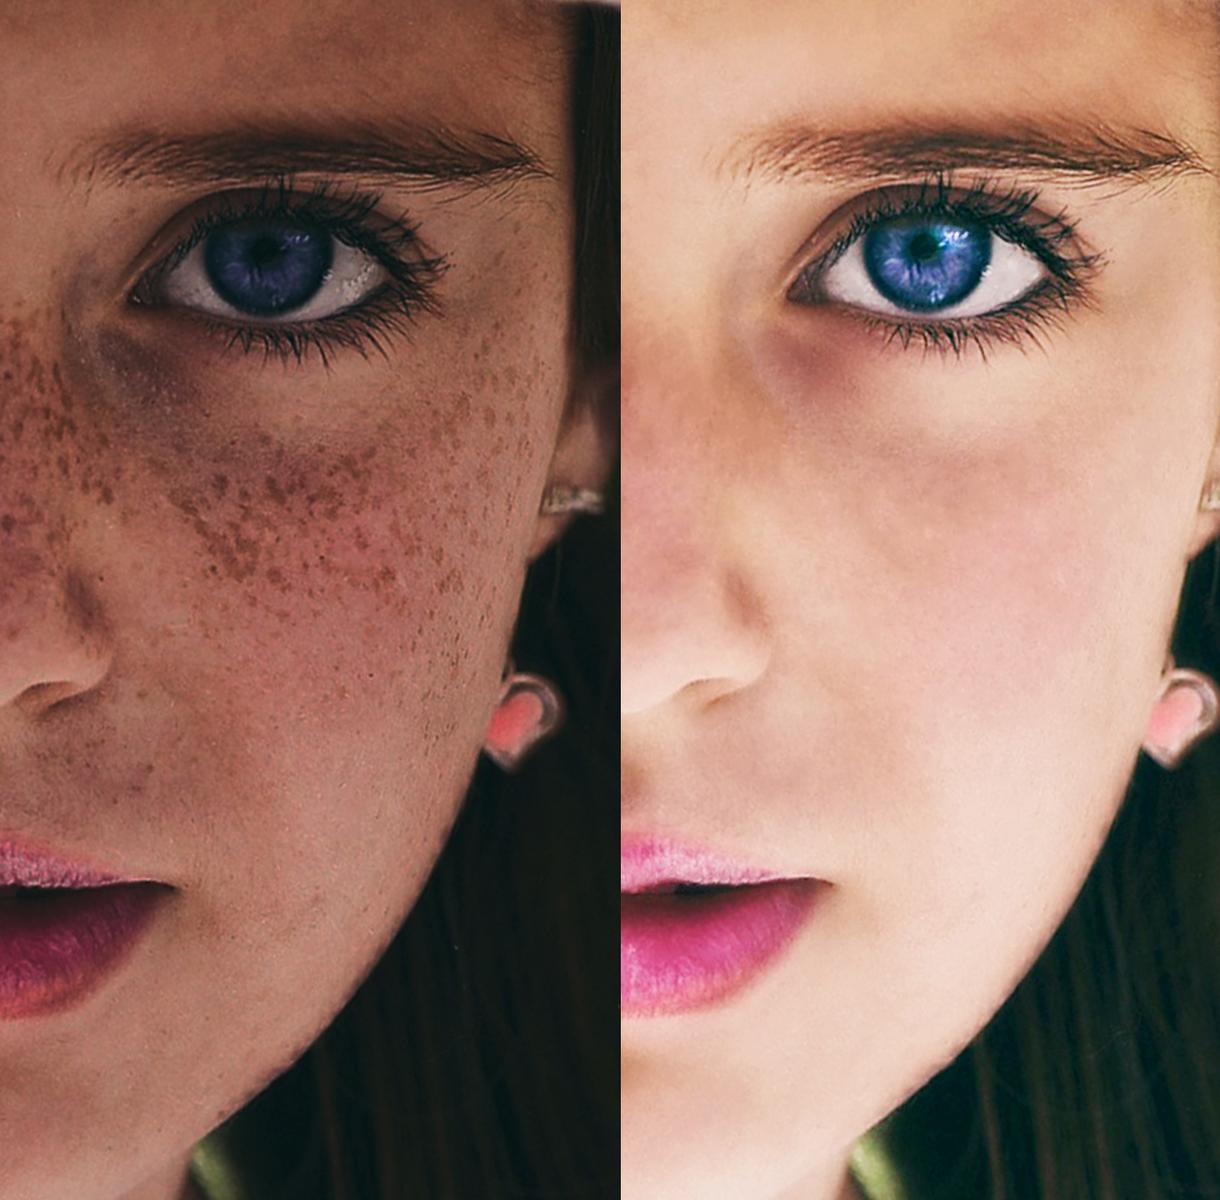 美肌レタッチ!あなたのお写真を美しく仕上げます 肌の質感に自信あり!あなたの魅力をもっと引き出しませんか?